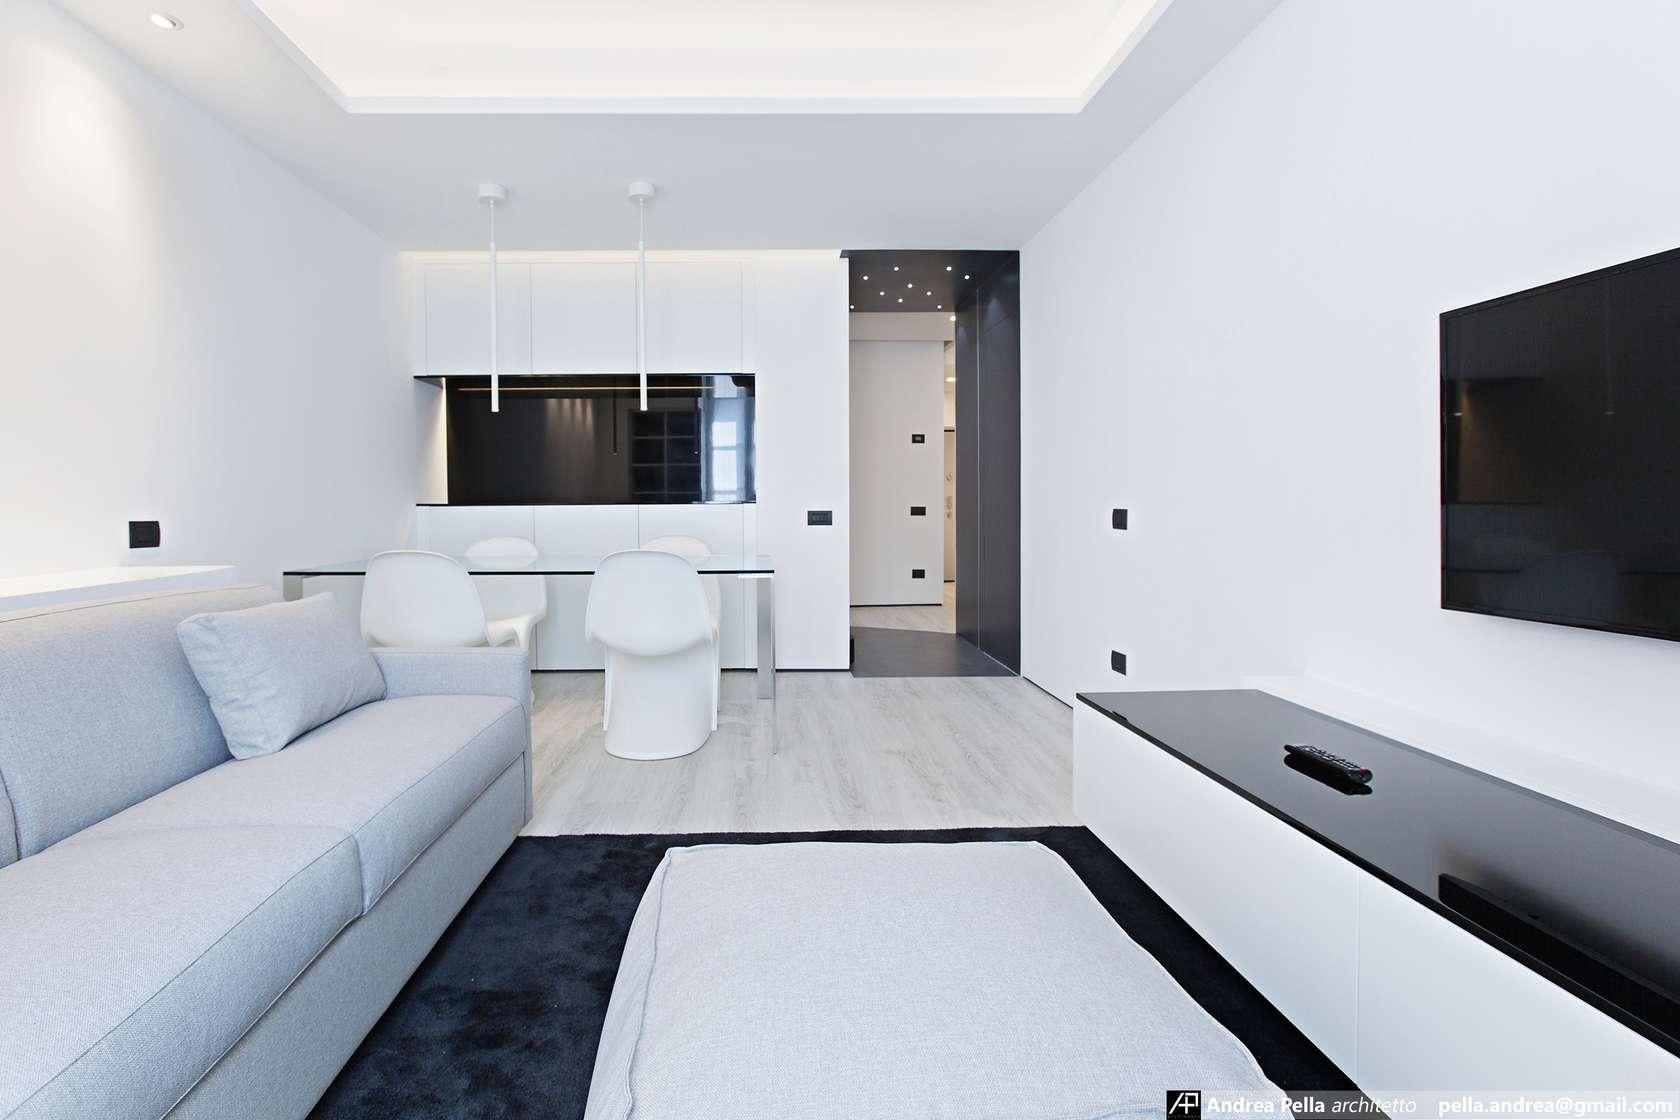 малък апартамент в минималистичен стил